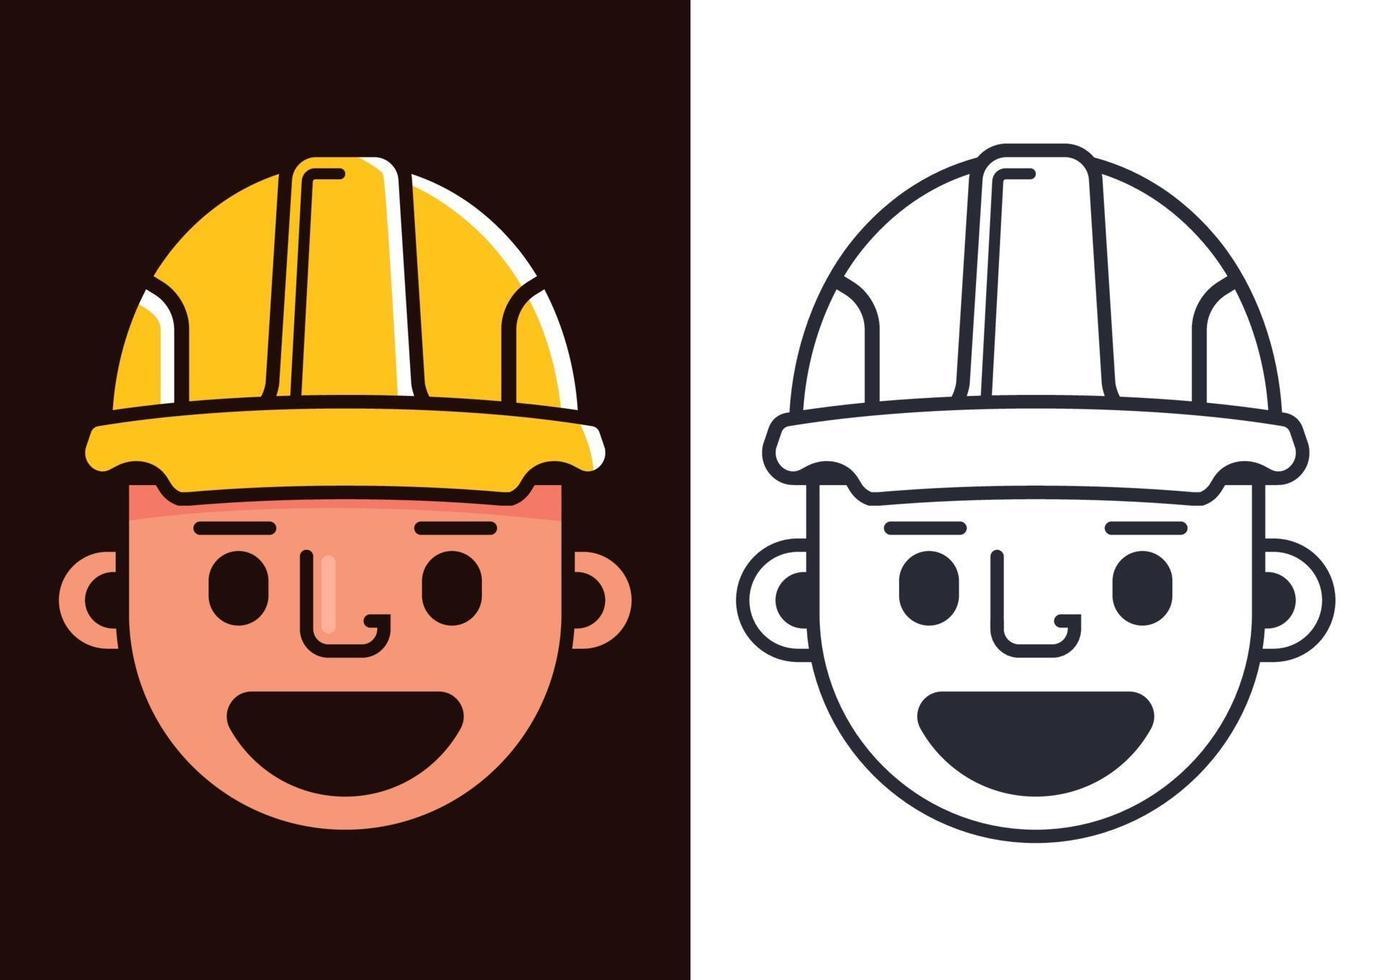 Baumeister in einem gelben Helm. niedlicher Charakterbildner. flache Vektorillustration vektor